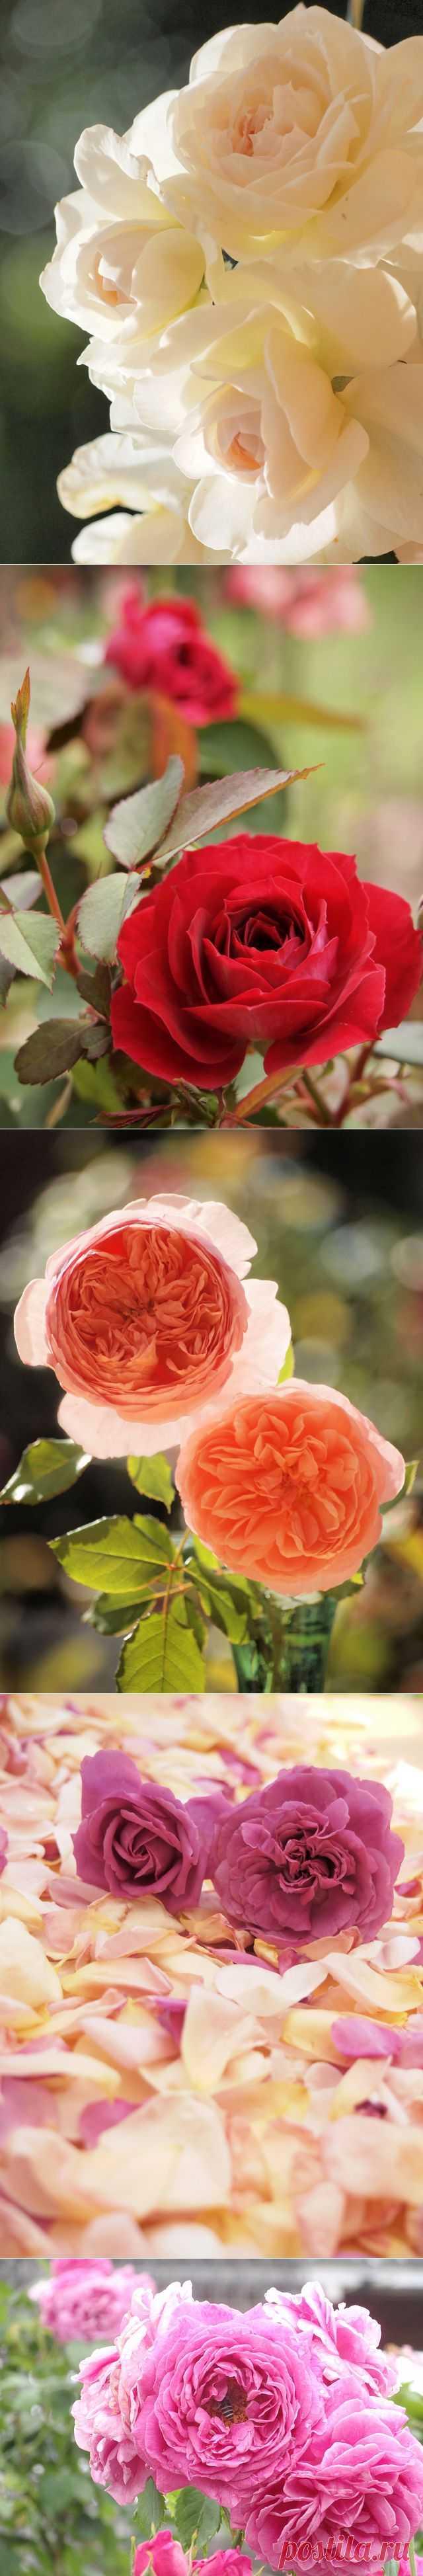 Время роз из сада Wendy